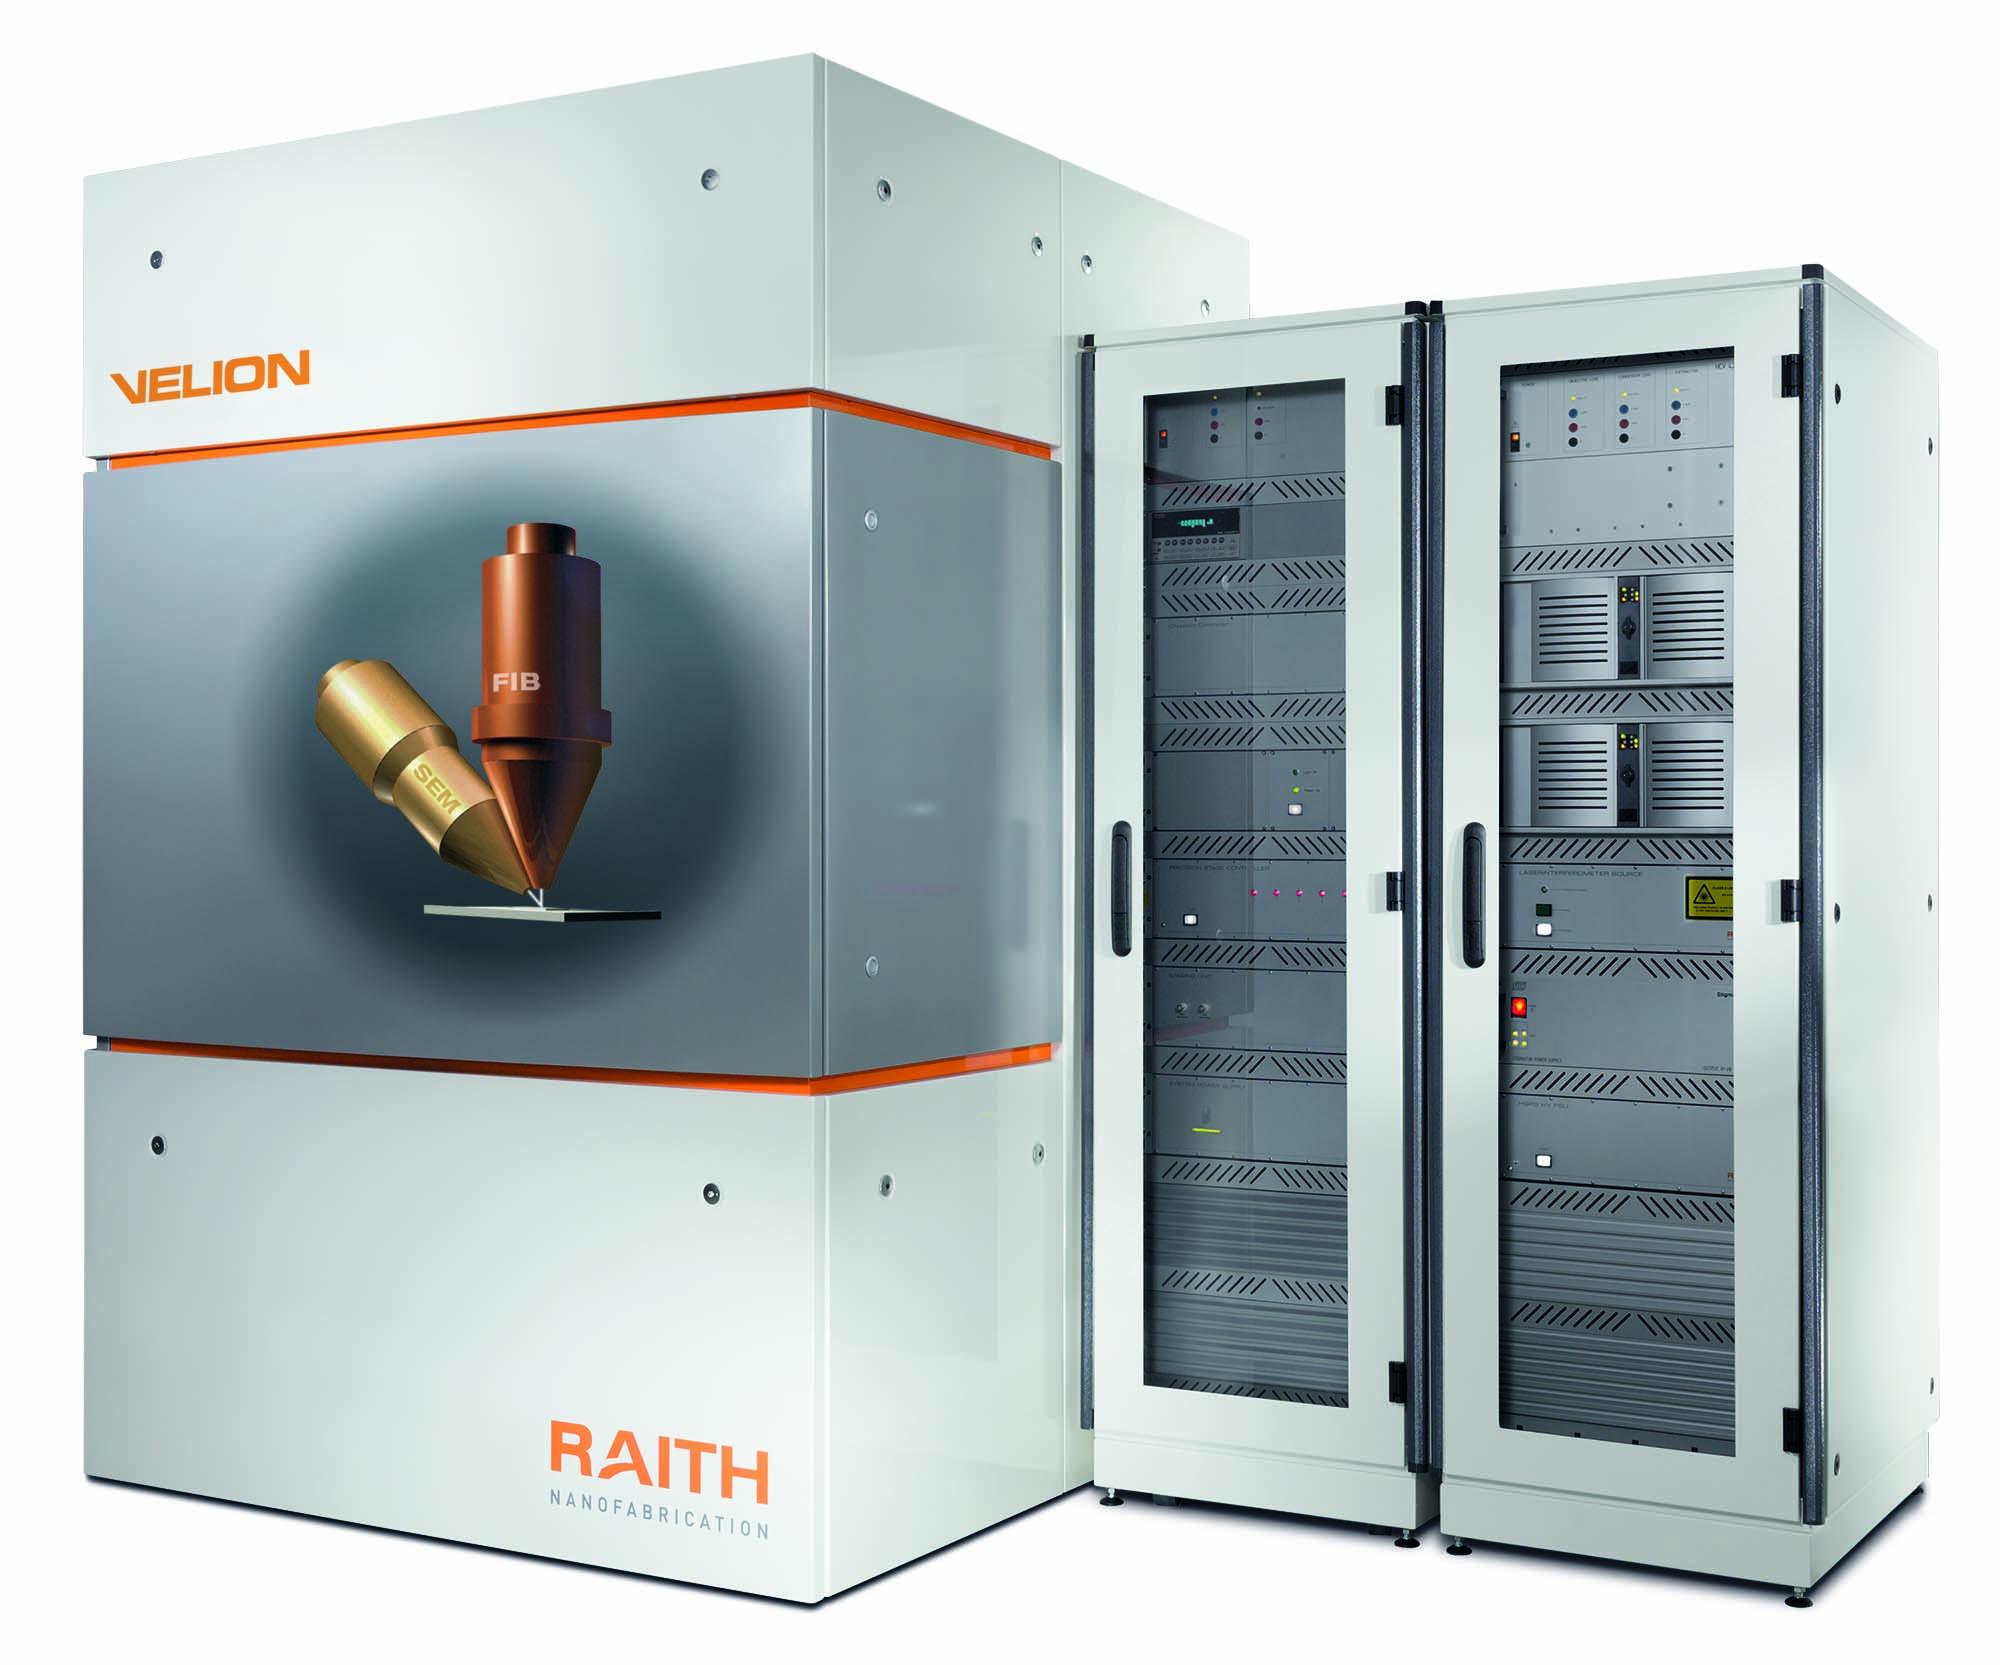 Velion, produkt firmy Raith. Nano wytwarzanie przy pomocy centrycznej kolumny FIB Cztery tryby pracy. Dwie kolumny. Jeden system.